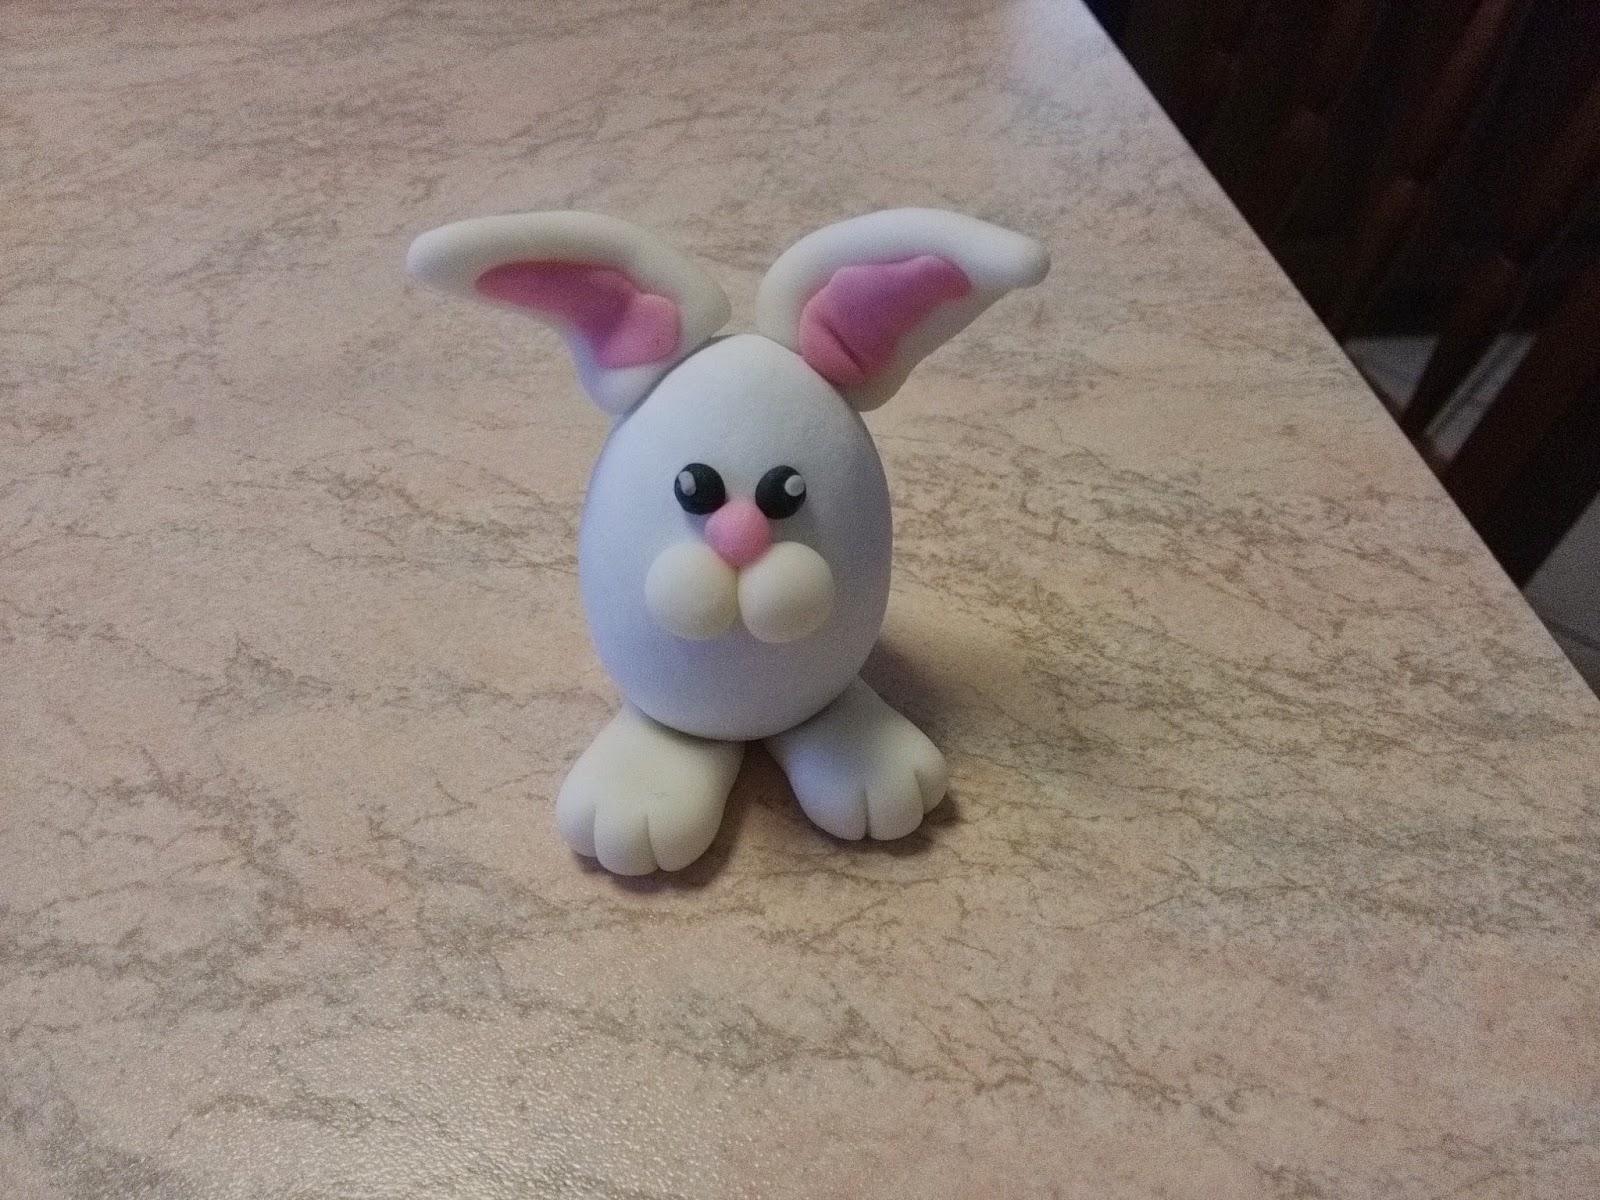 Pasqua, terzo uovo: il coniglio